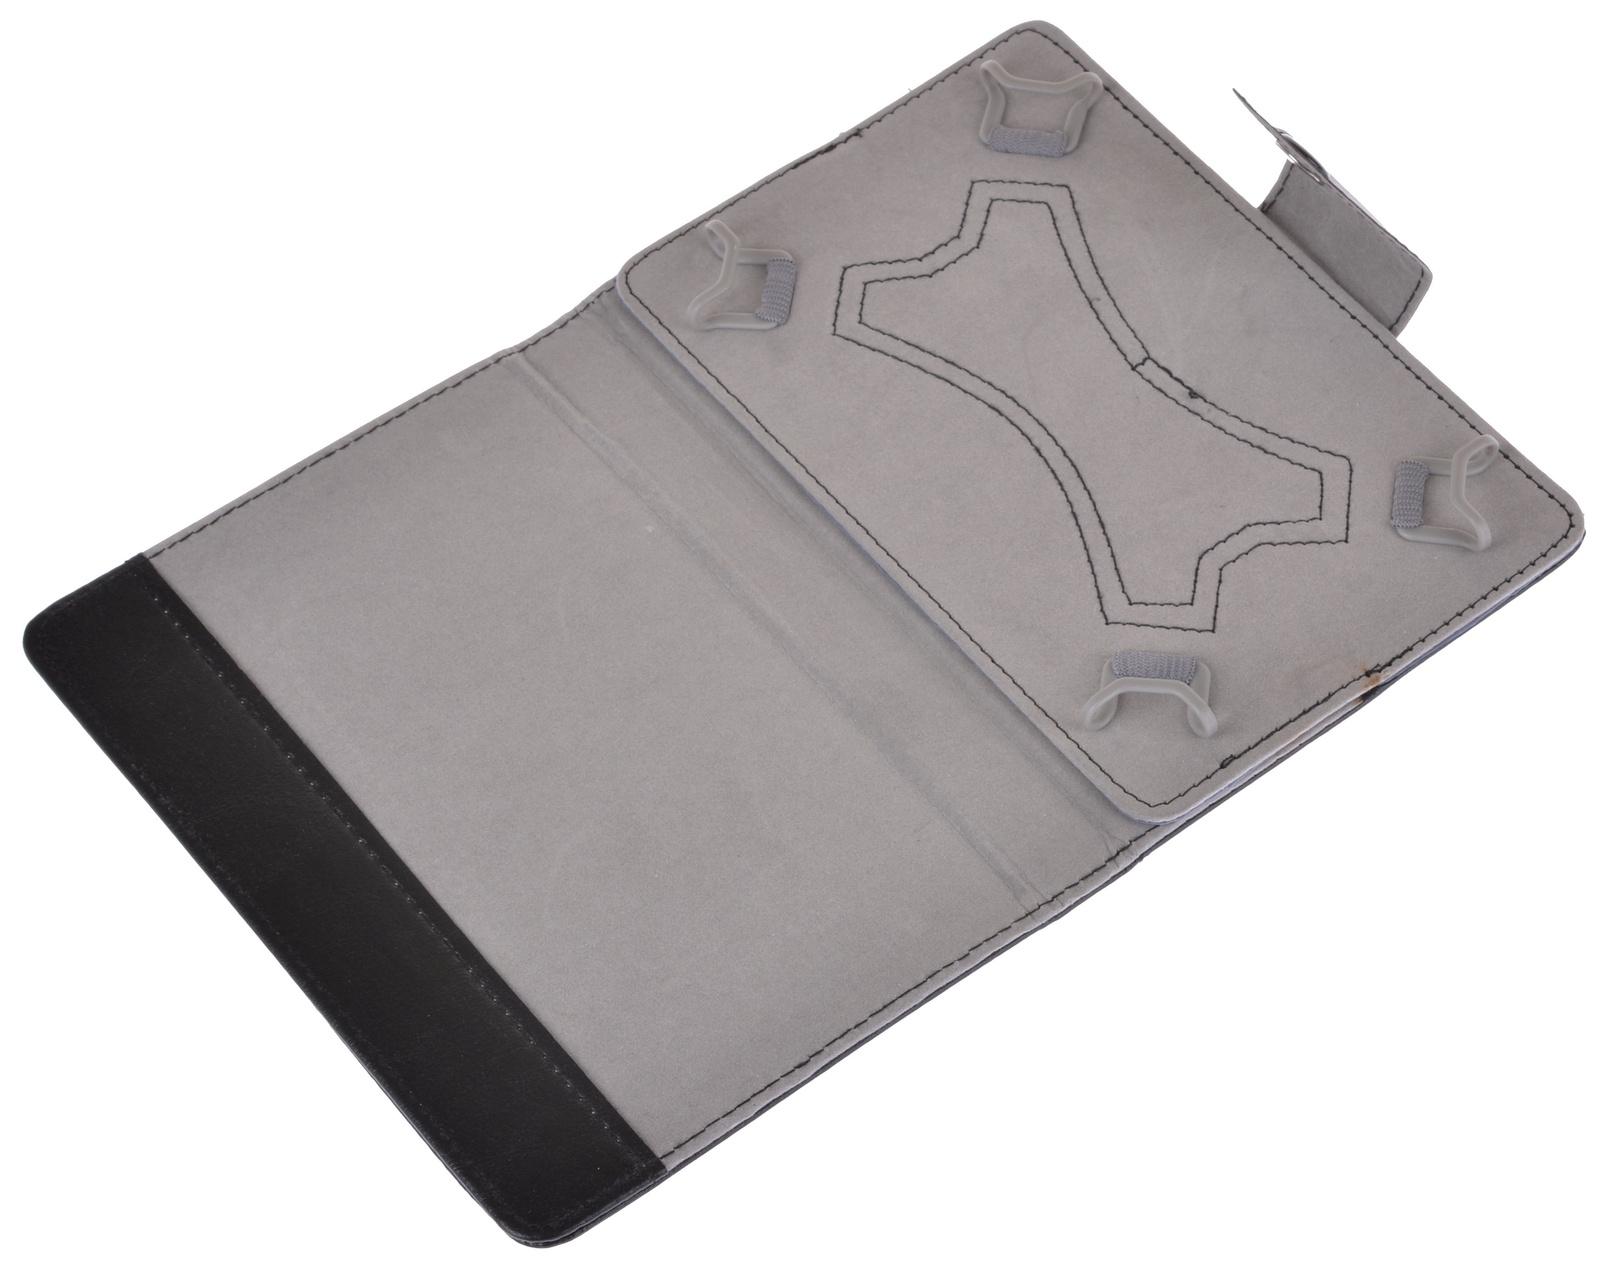 Чехол для сотового телефона ProShield Standard slim clips8, 4660041409628, черный чехол универсальный proshield standard clips8 2000000139876 золотистый